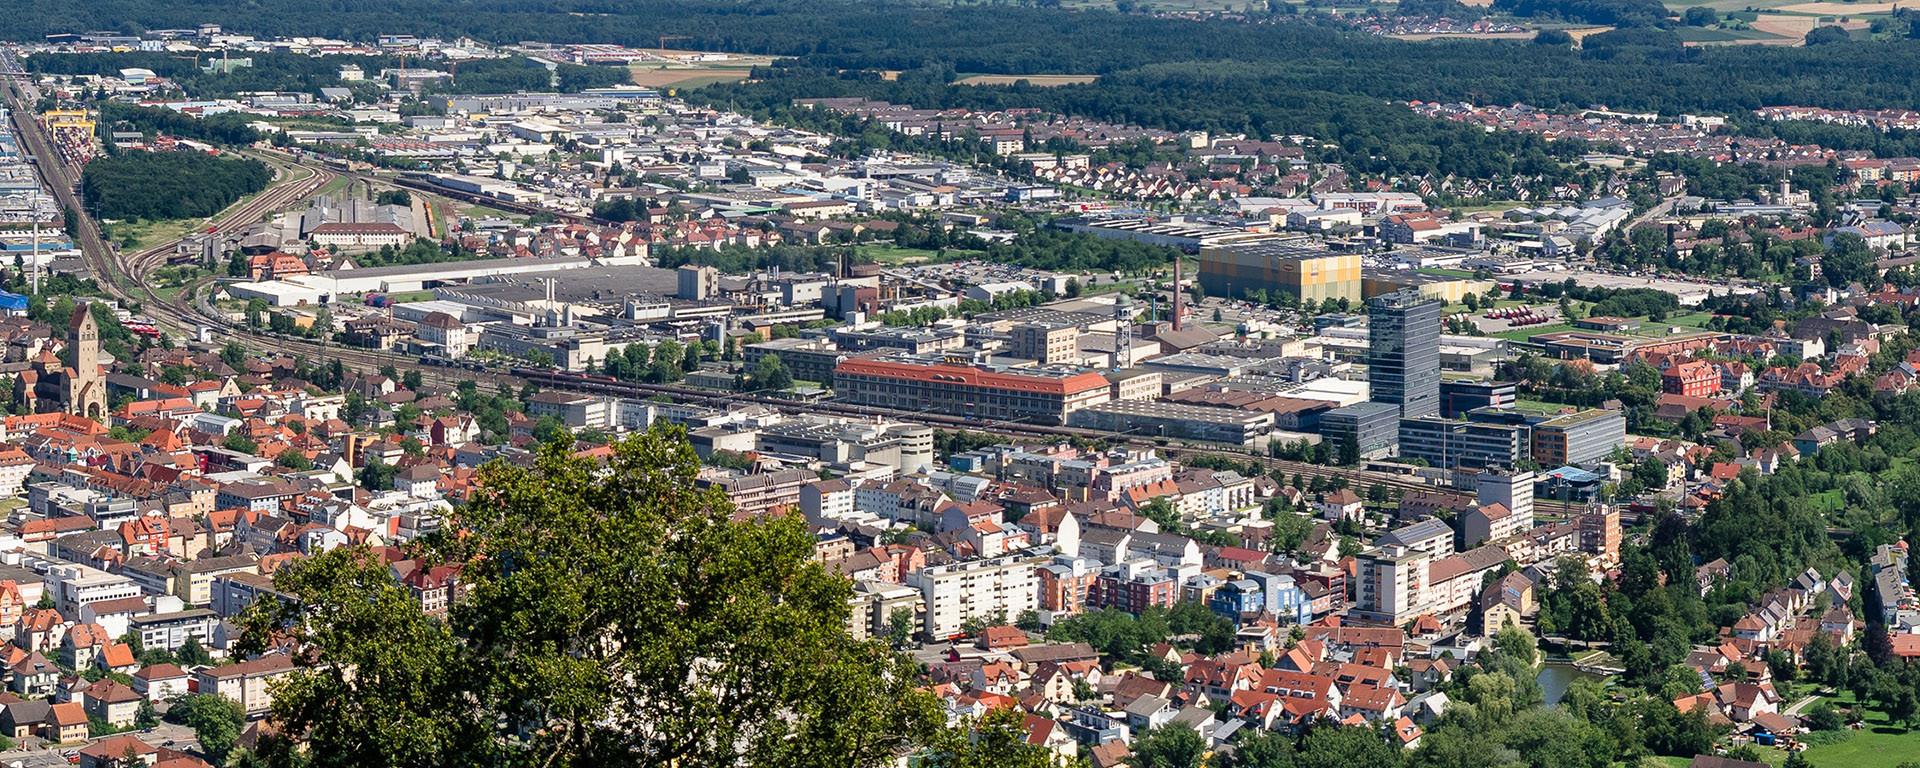 HEGAU-TOWER HOTEL : Mitten in der Stadt und doch der Blick ins Grüne!